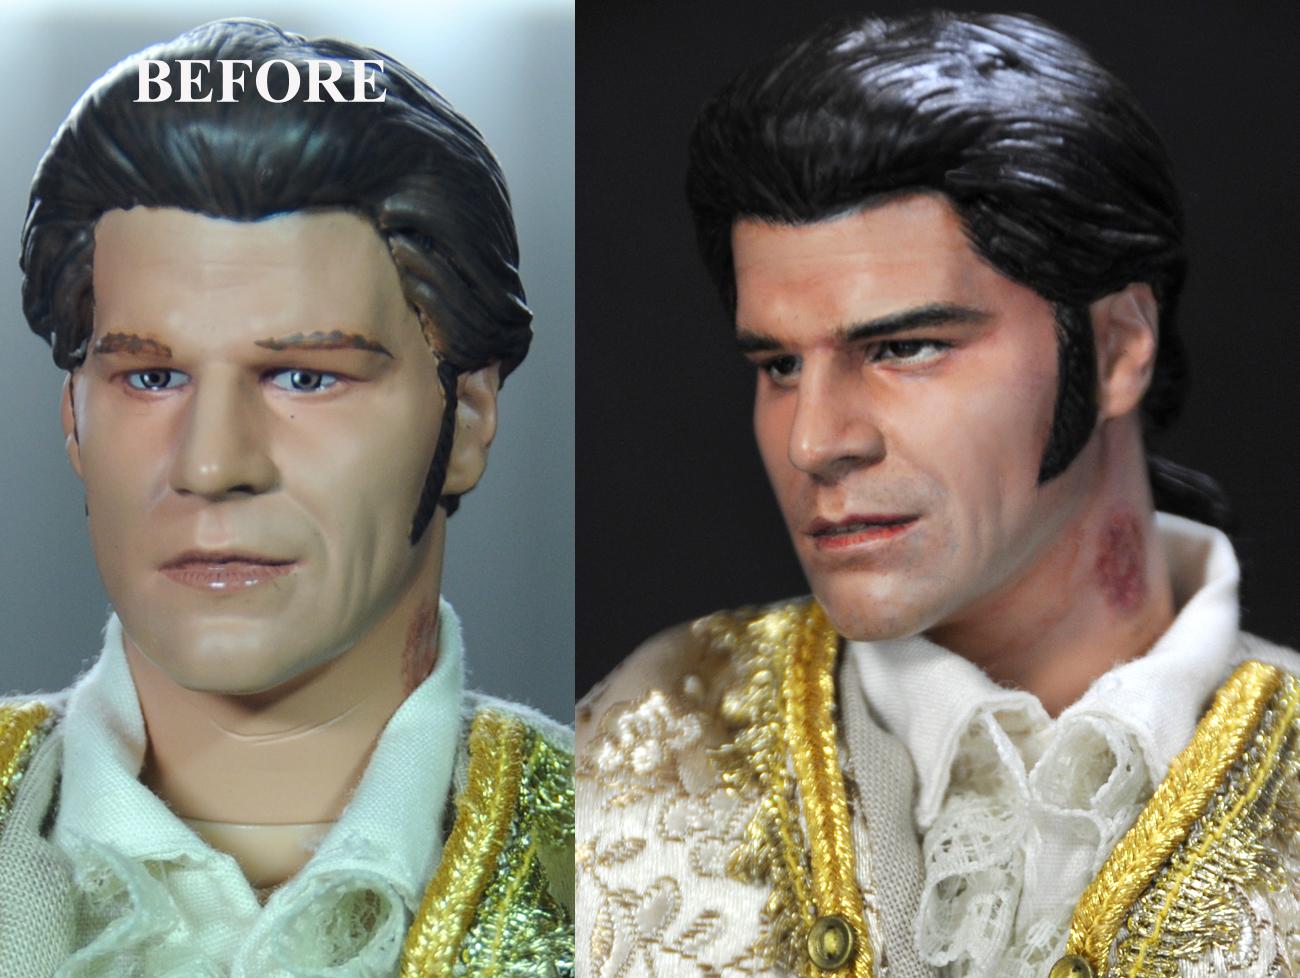 David Boreanaz as Liam /Angelus doll repaint by noeling